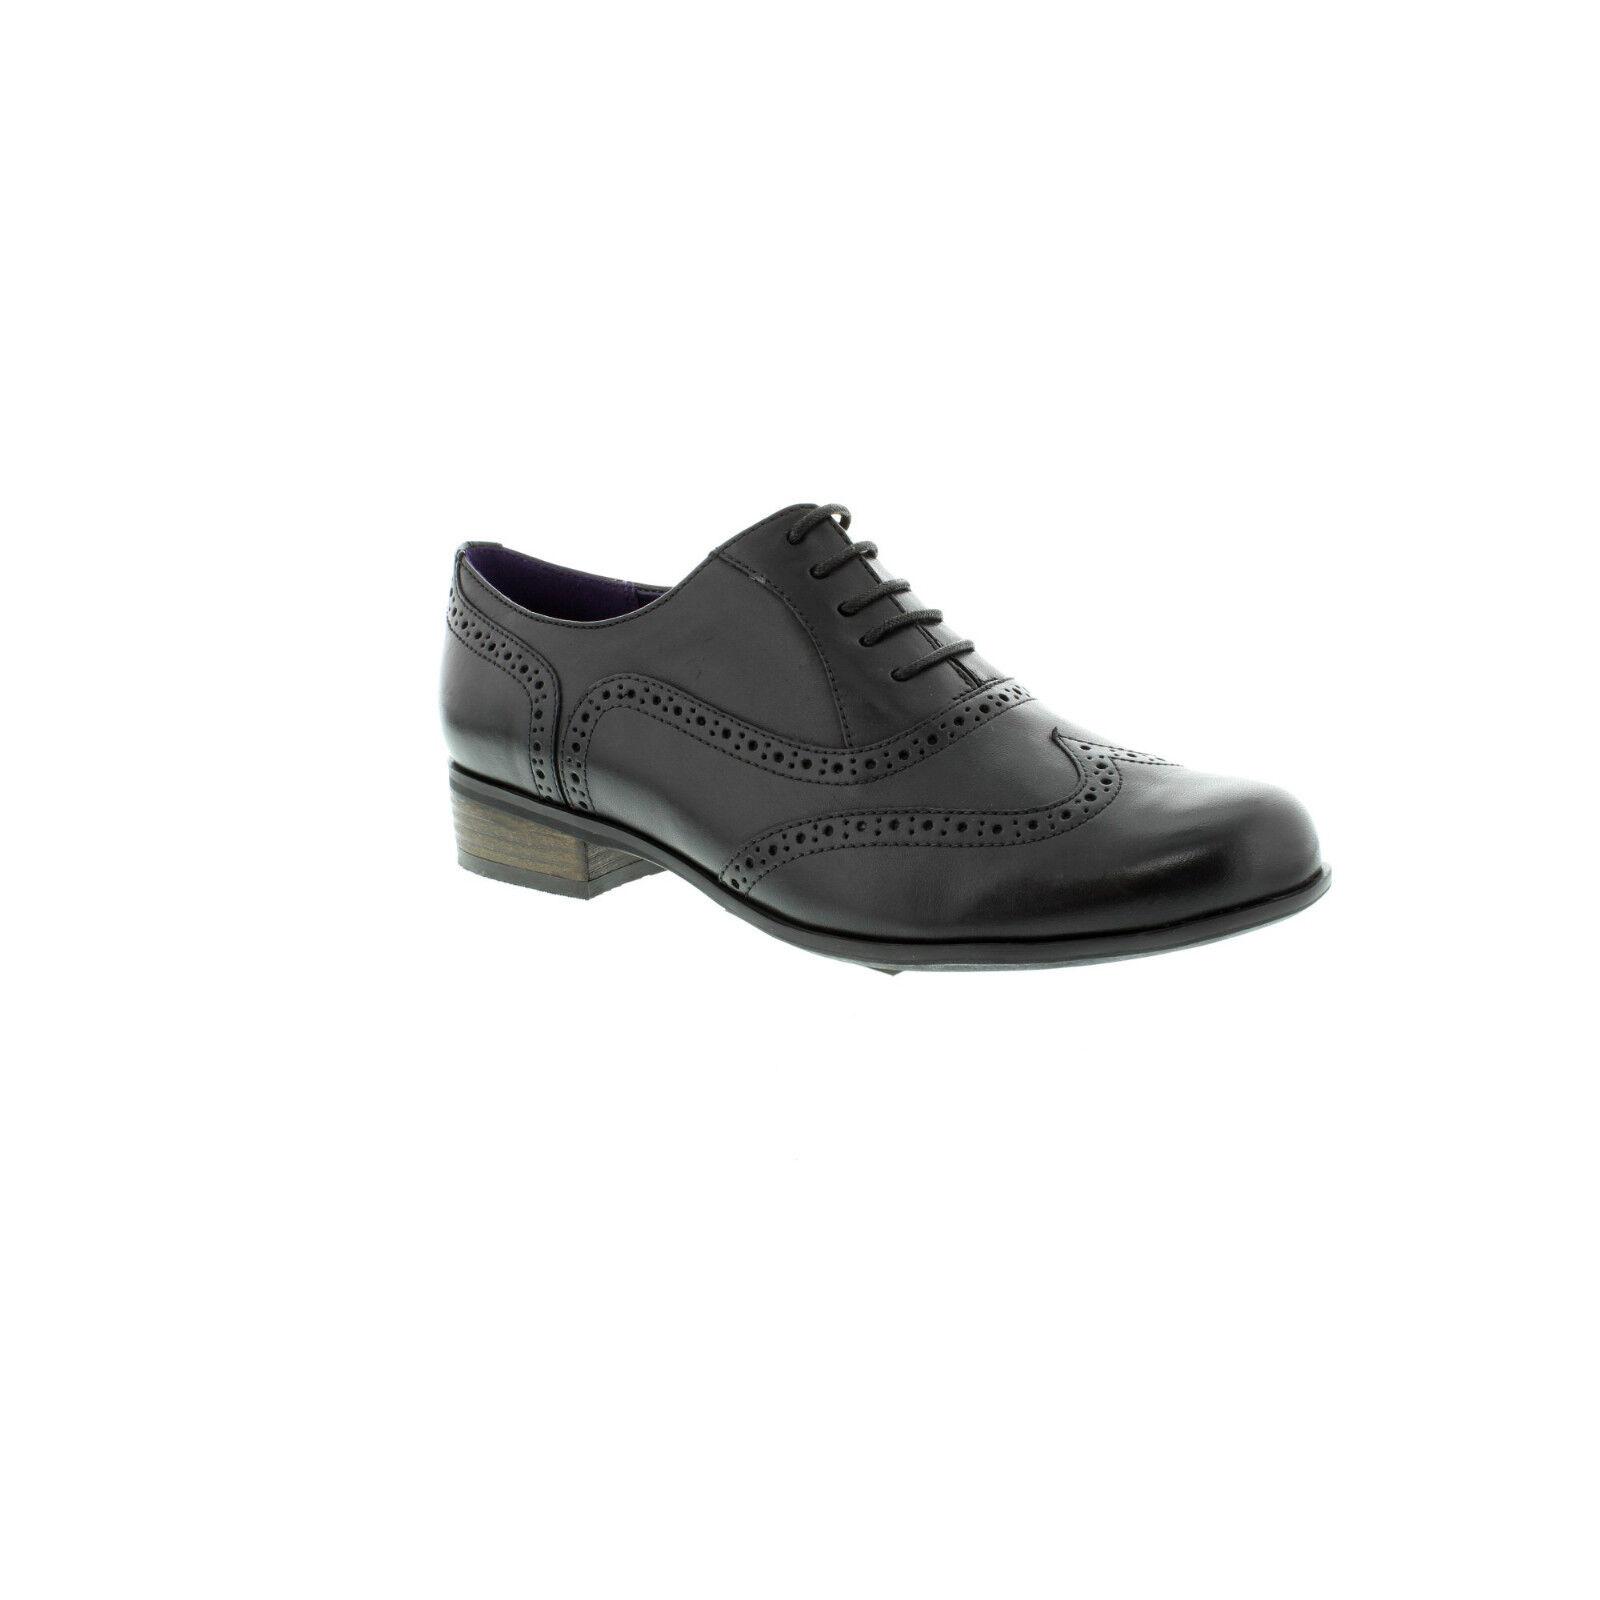 Clarks Femmes Hamble Oak Noir Décontracté Chaussures Cuir à Lacets